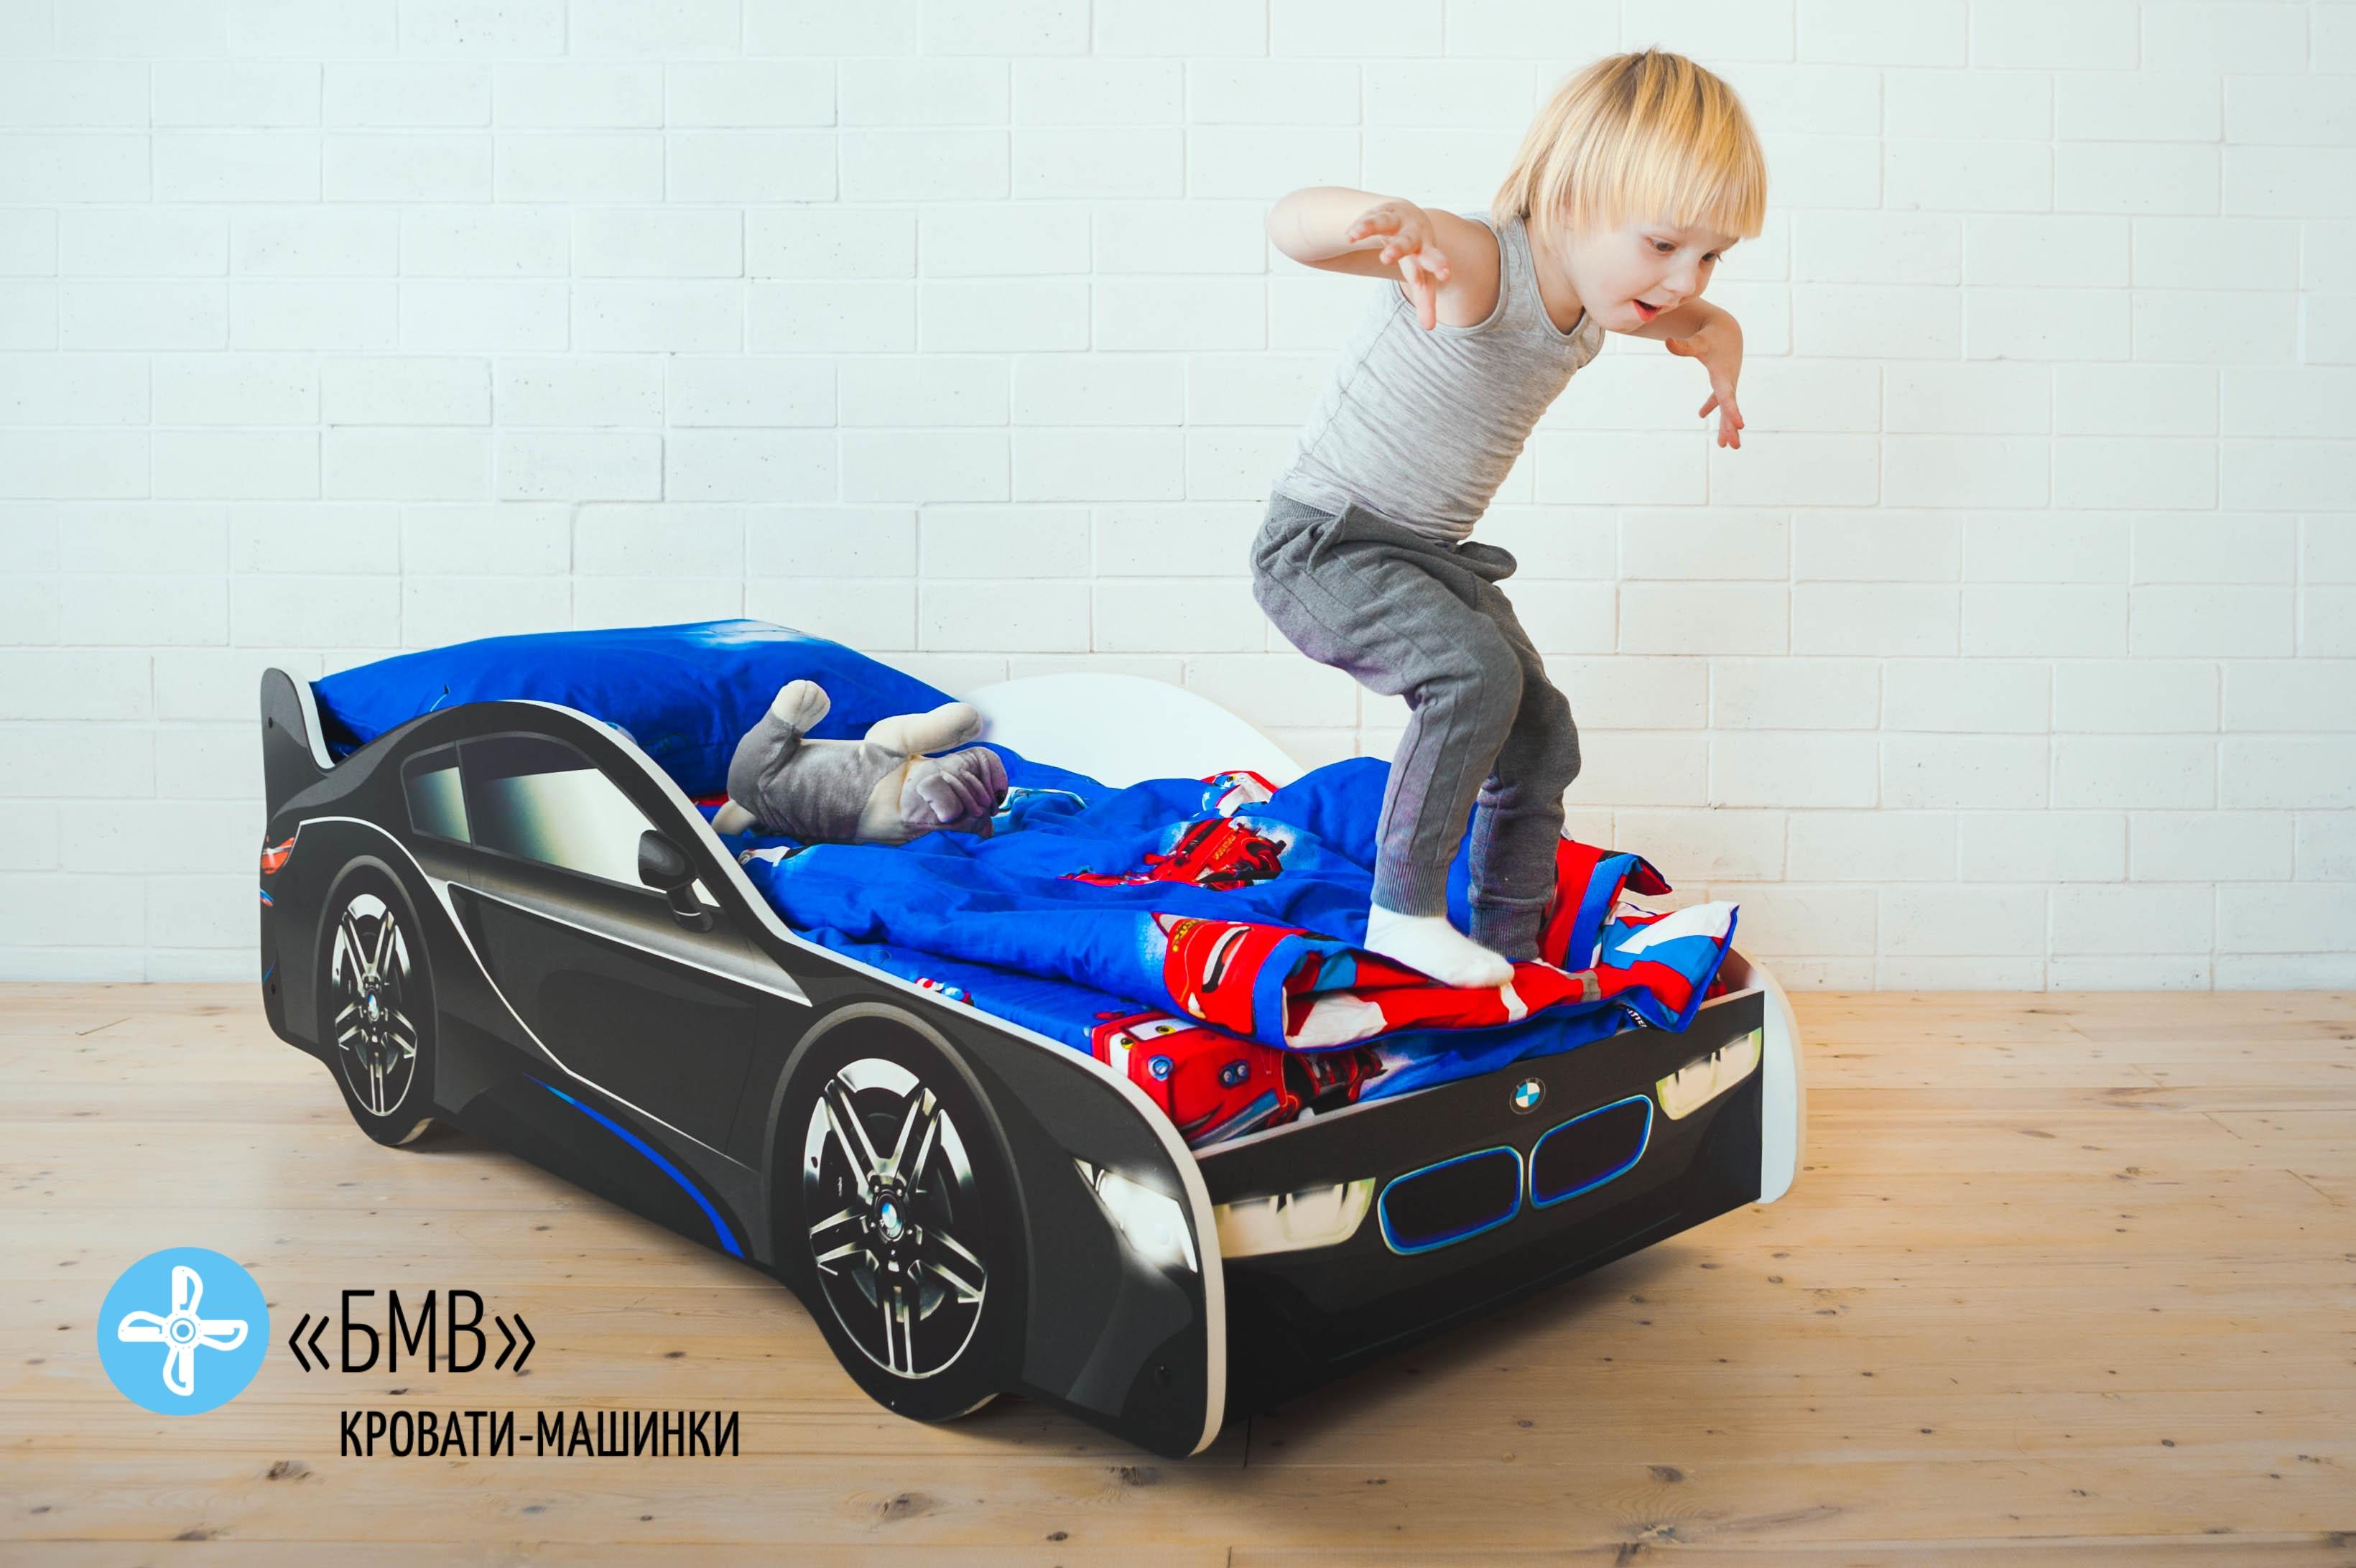 Детская кровать-машина -БМВ-5